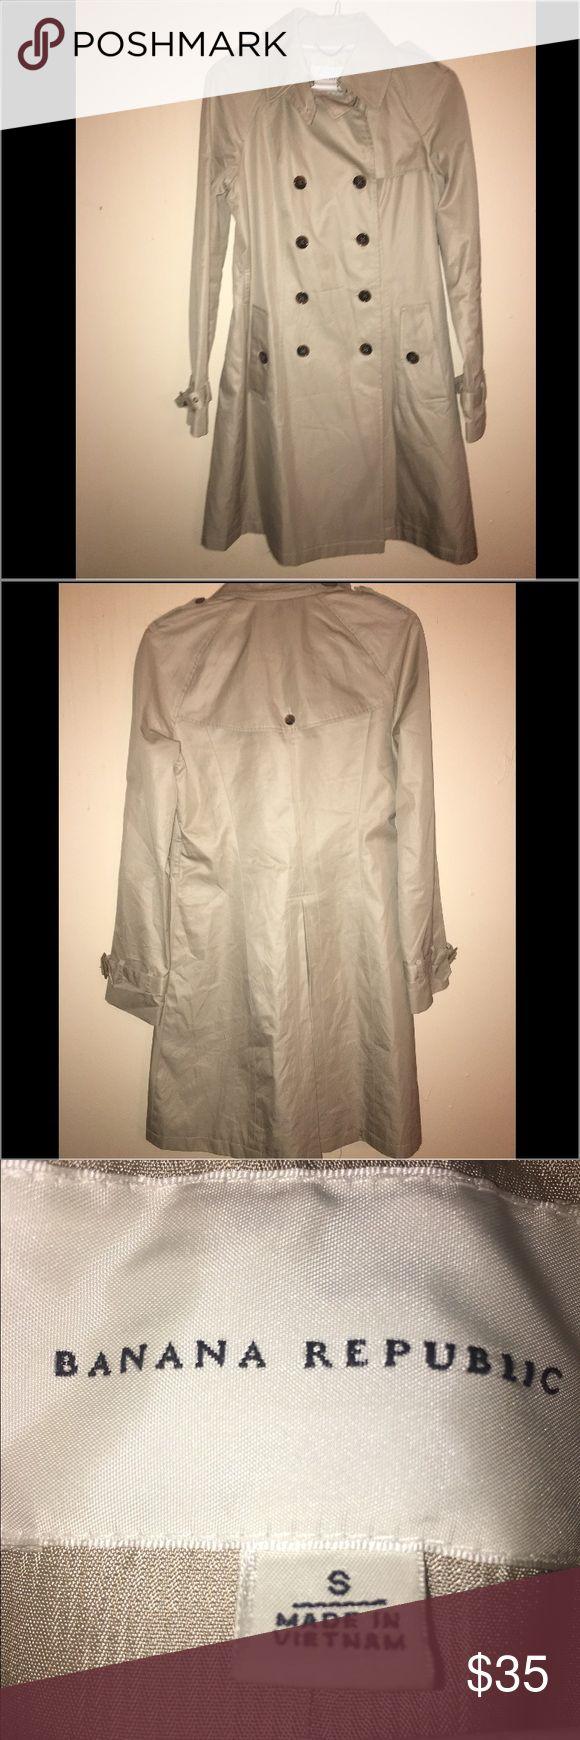 Banana republic Jacket/coat Size small banana republic jacket/coat Banana Republic Jackets & Coats Trench Coats